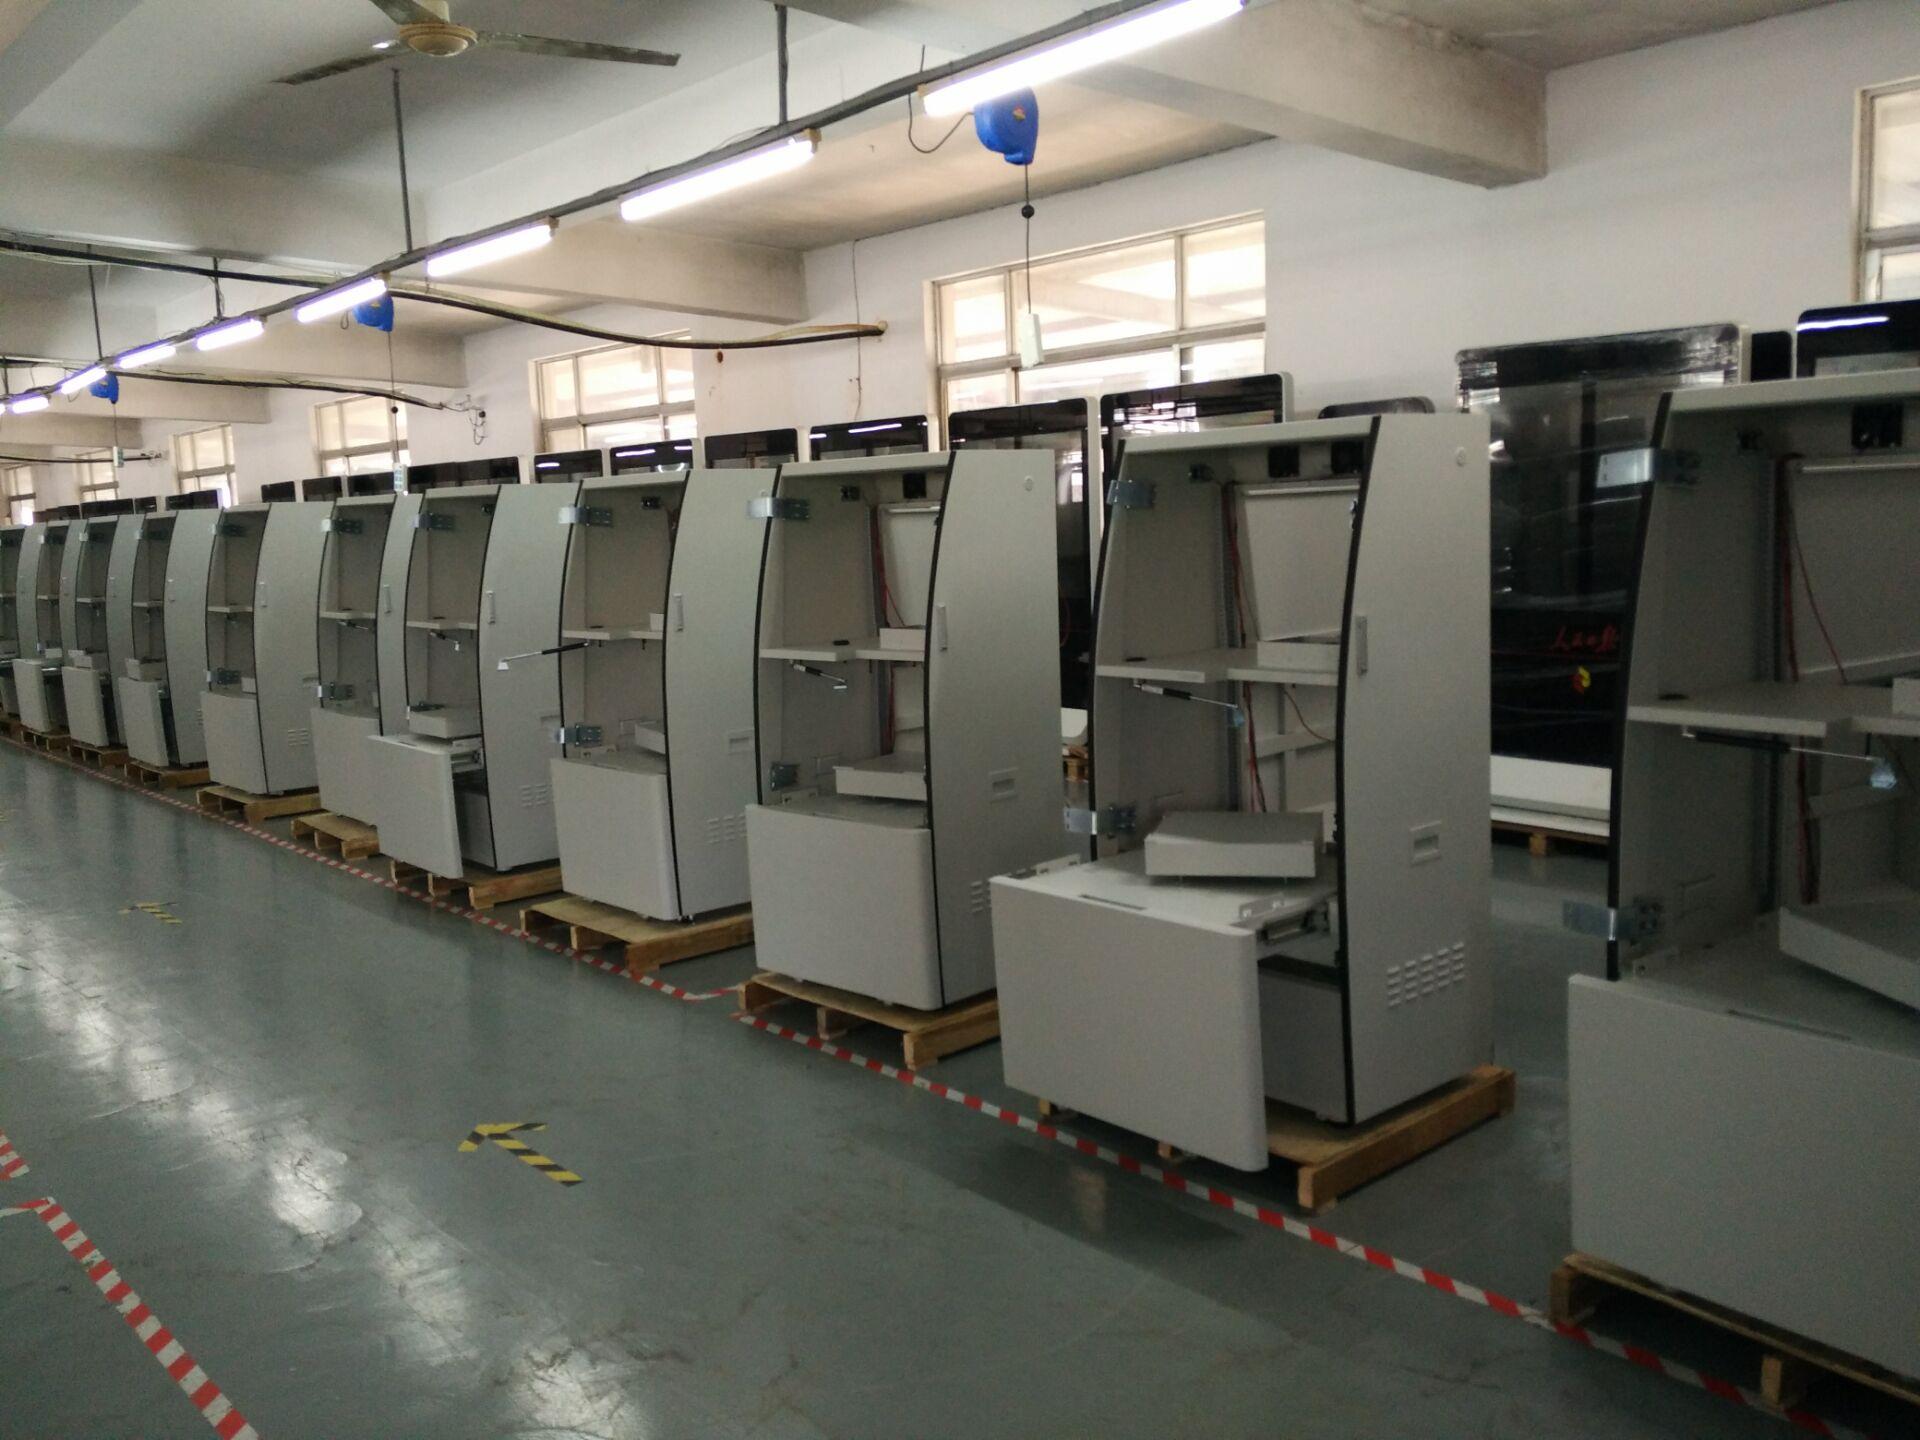 skr承接 钣金加工,激光切割,数控冲孔,金属外壳机,箱机柜加工定制上海